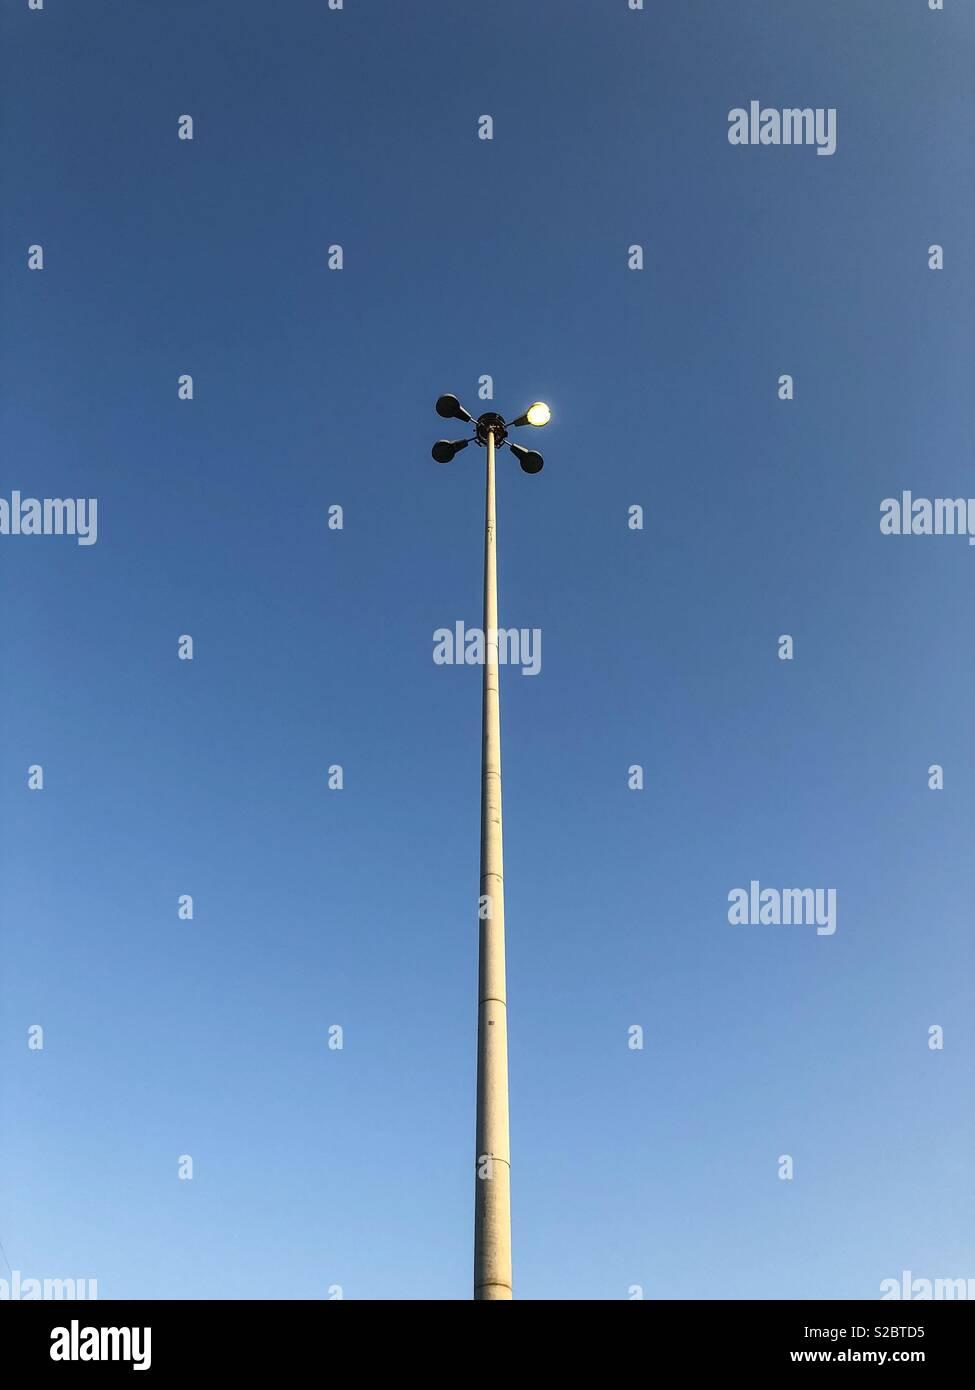 Il palo della luce con una sola luce di lavoro, contro un cielo blu chiaro. Immagini Stock